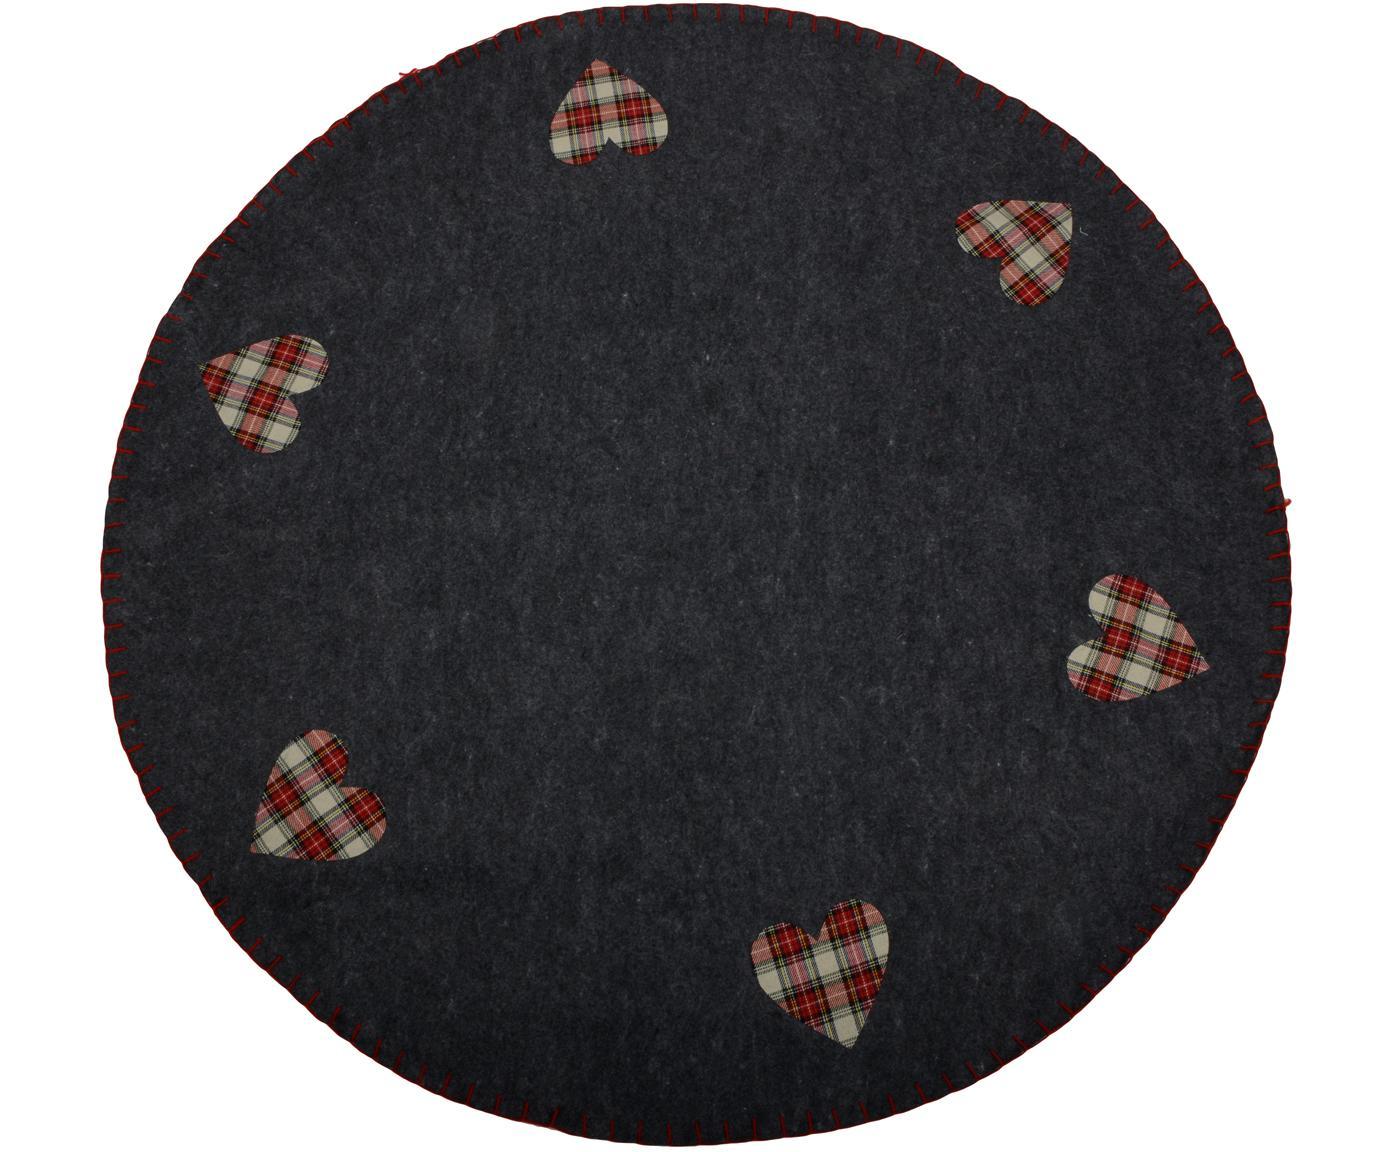 Base Árbol de Navidad Heart, Fieltro, Gris oscuro, beige, rojo, Ø 100 cm